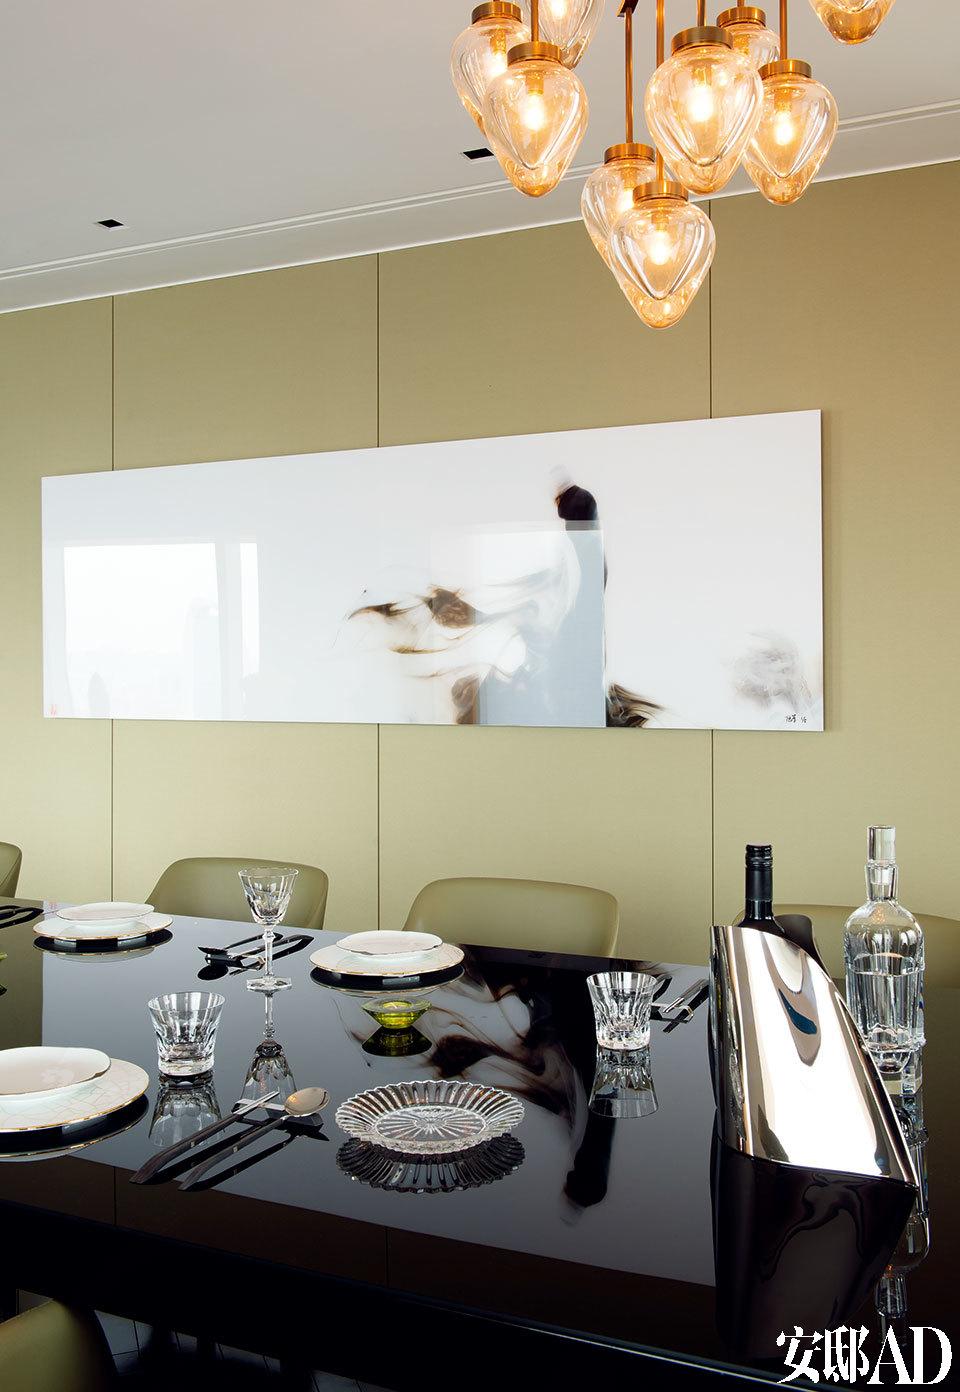 餐桌旁墙面上的艺术品由Lu Jun创作,来自Elisabeth de Brante,吊灯同样来自Holly Hunt。